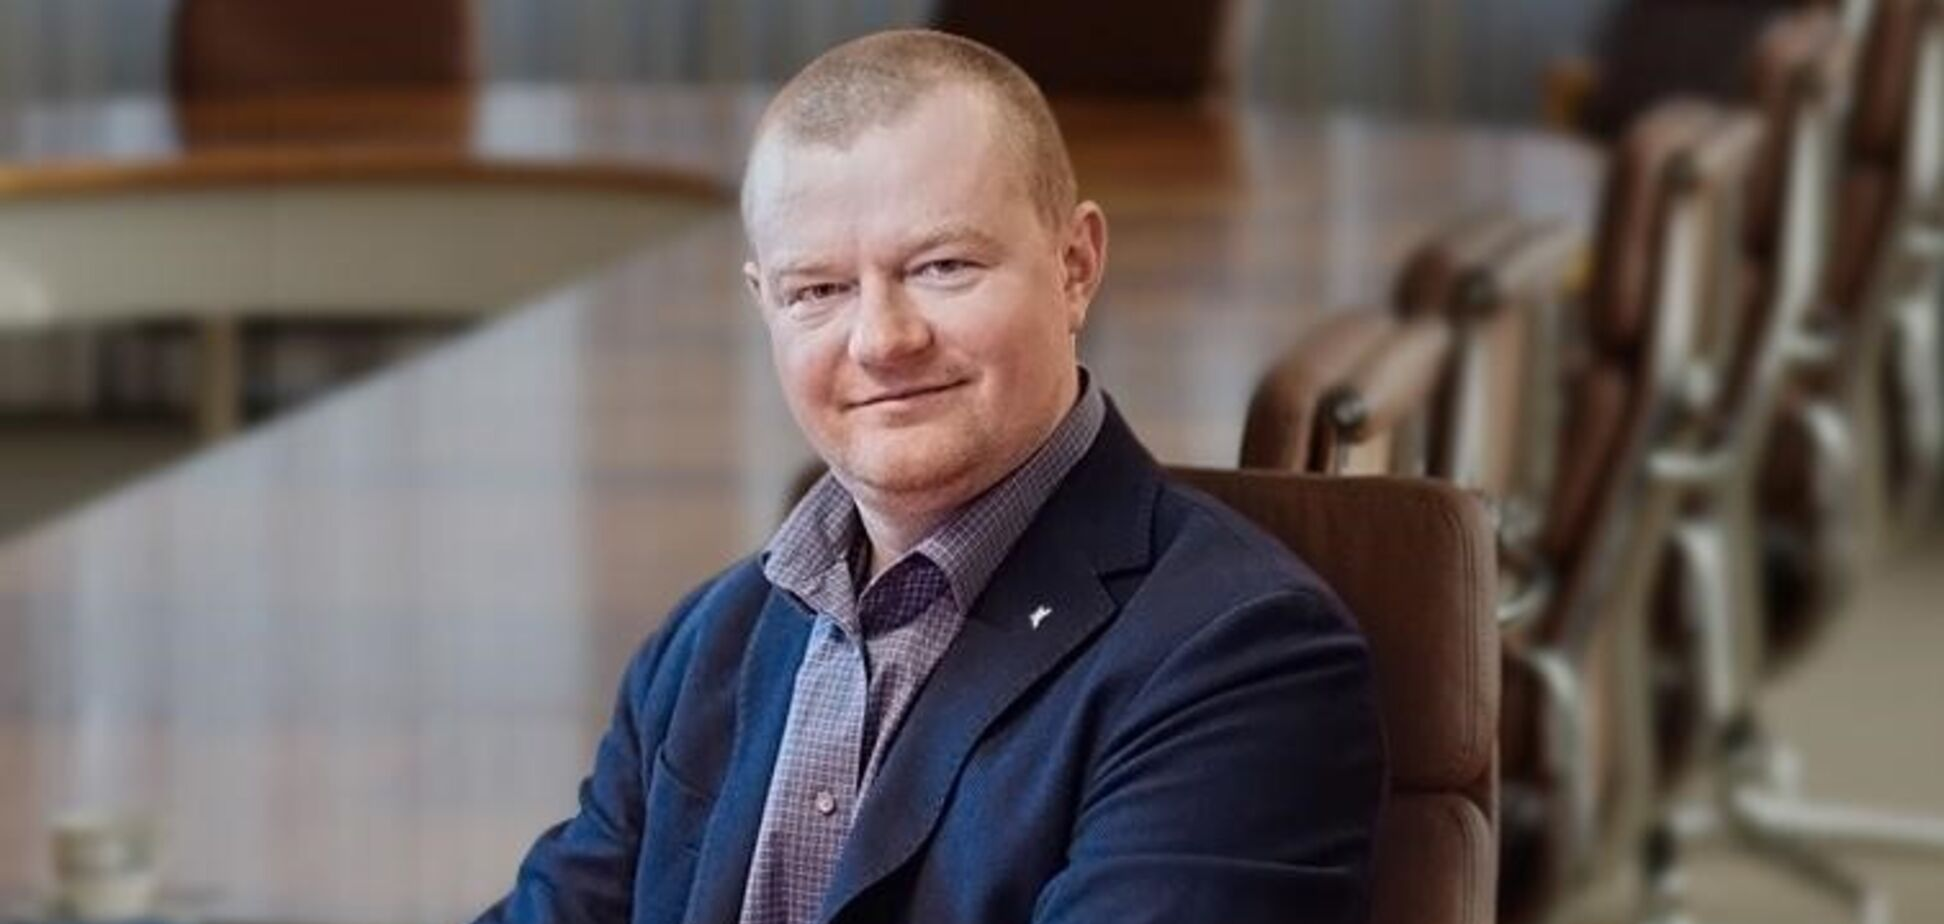 Макс Поляков и федерации воздушного спорта провели 23-й 'Кубок Янгеля'